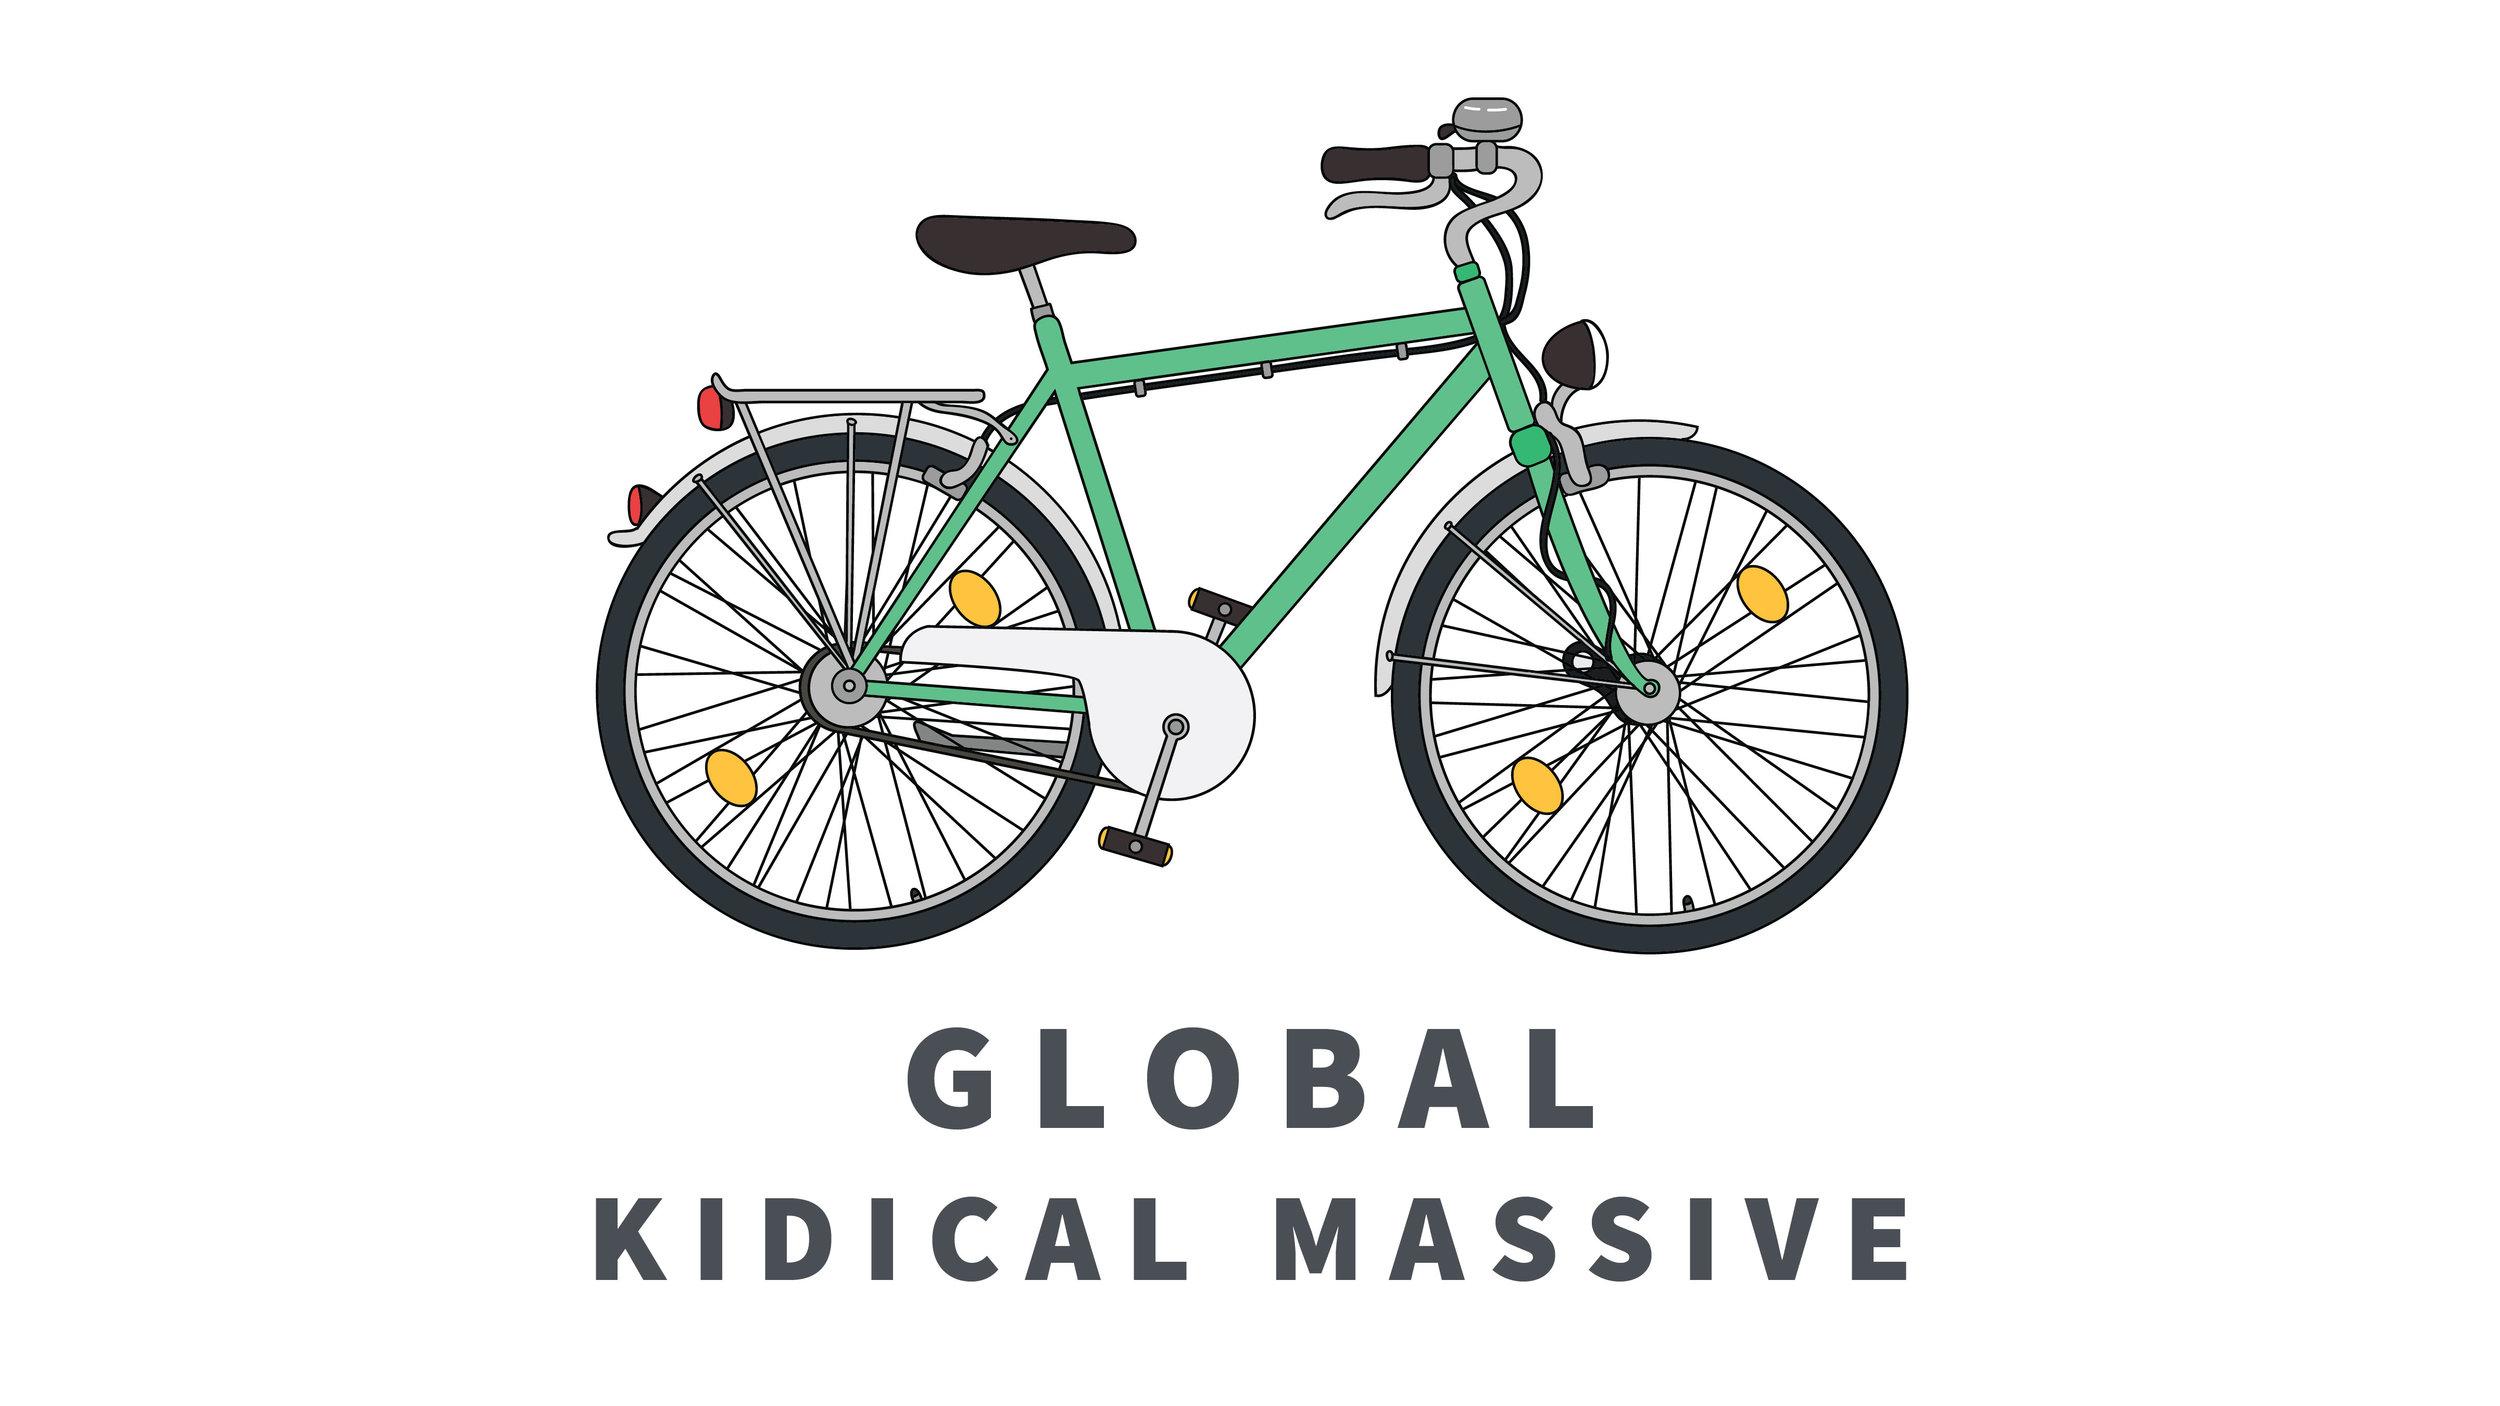 Global Kidical Massive-24.jpg